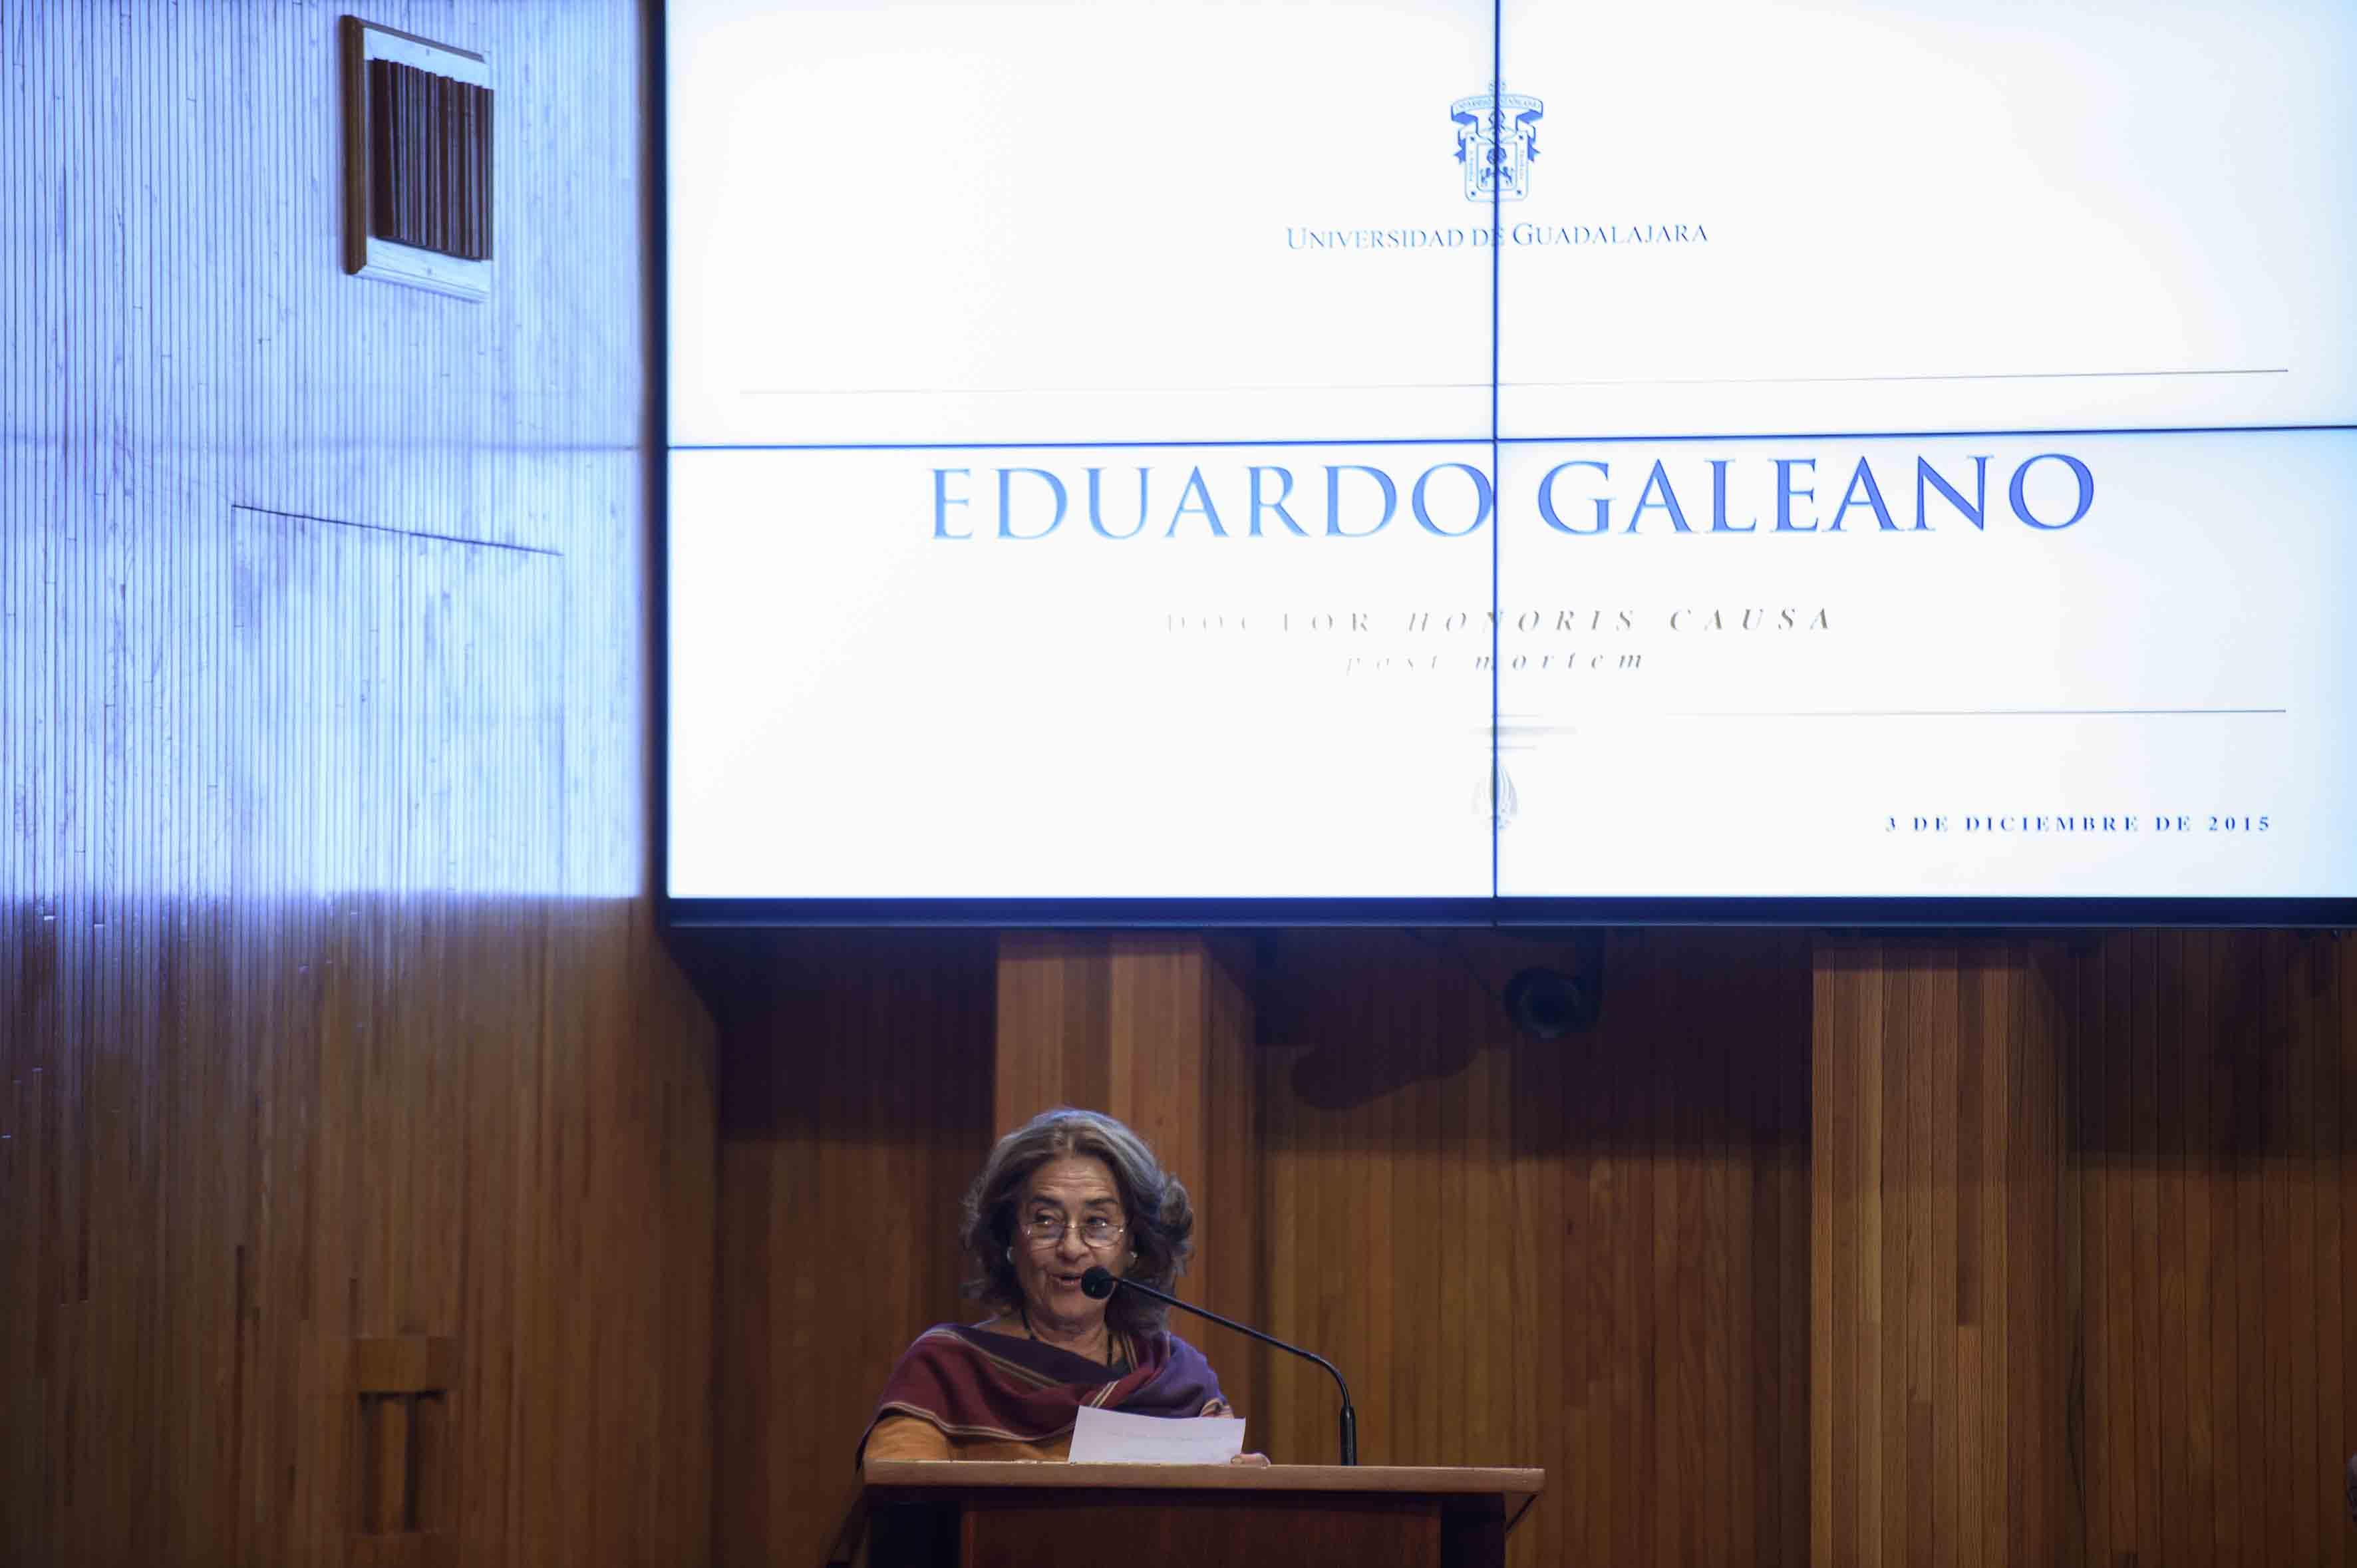 La señora Helena al frente del micrófono en el podio